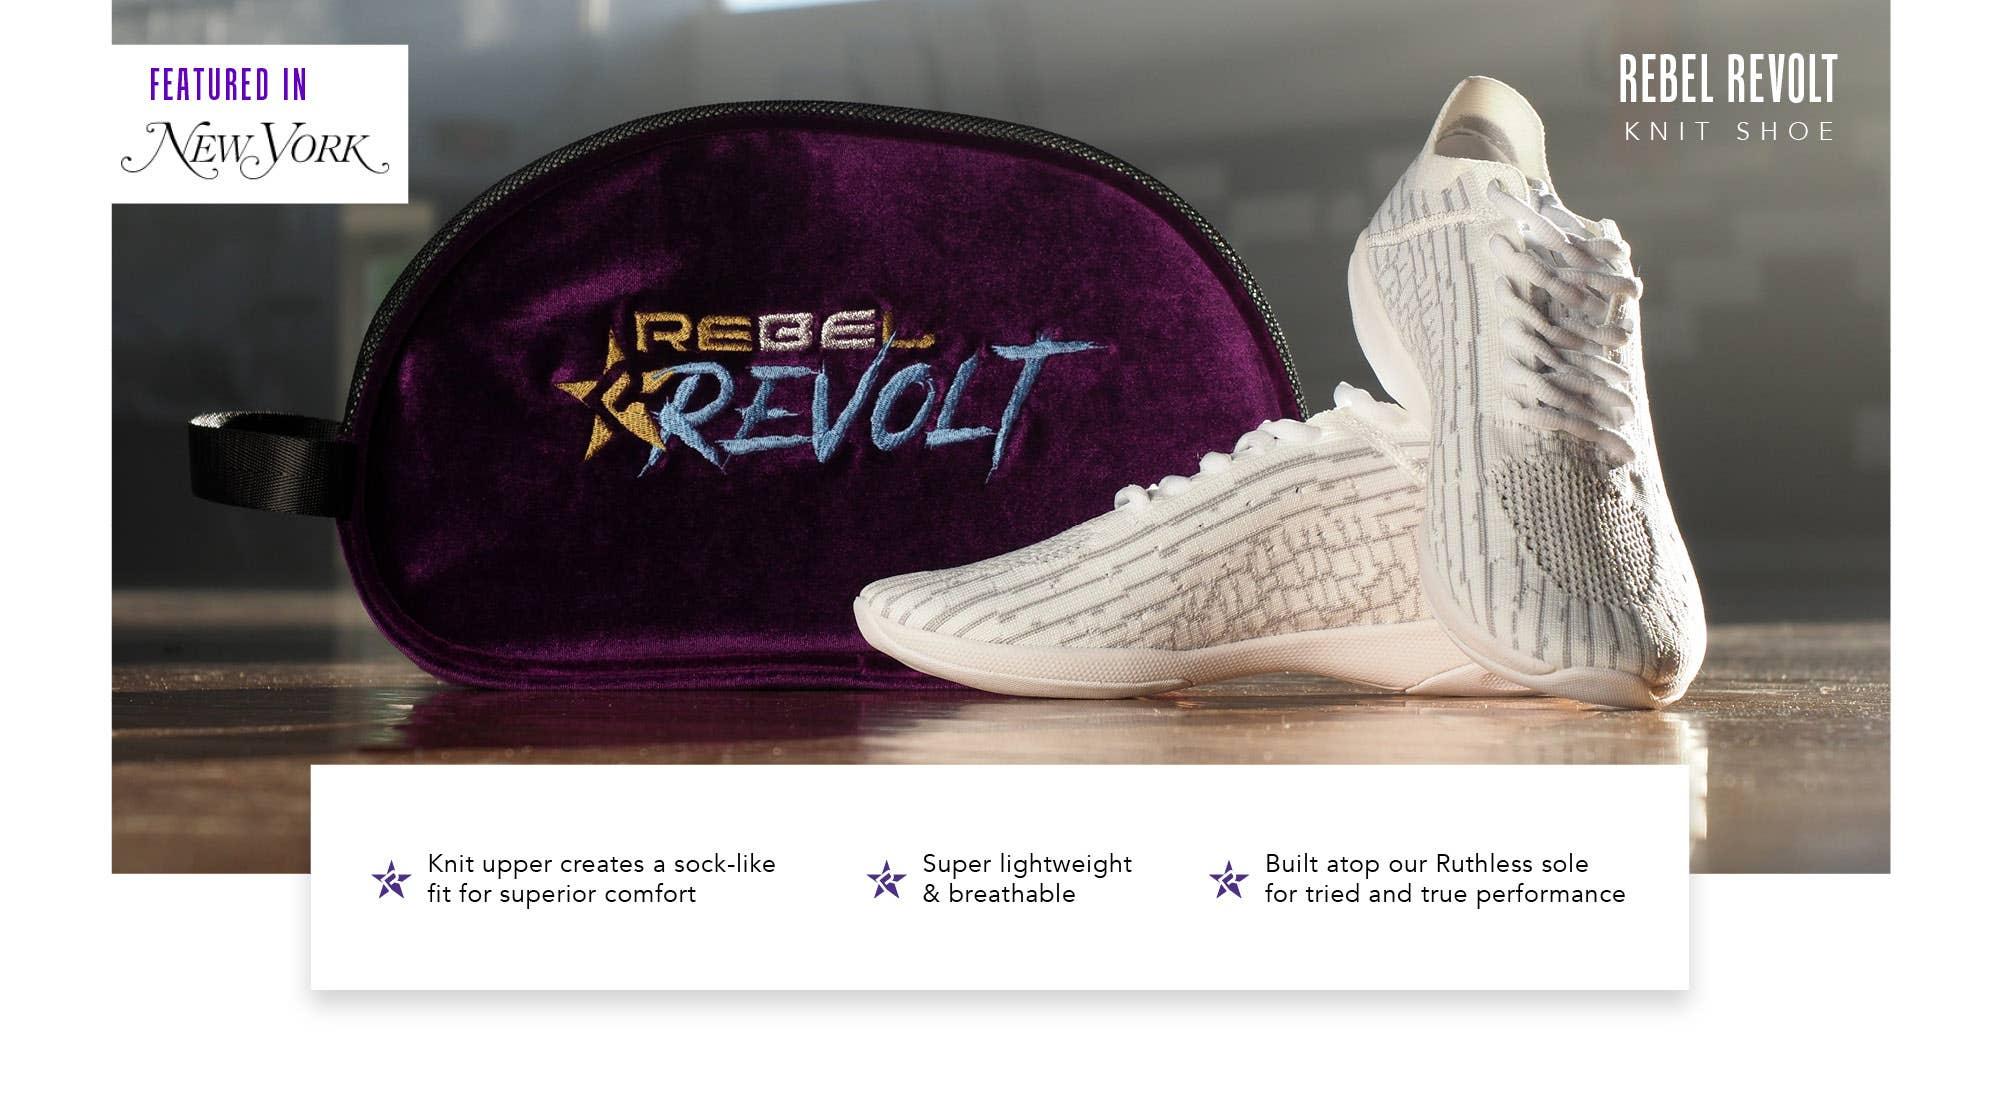 rebel revolt knit shoe